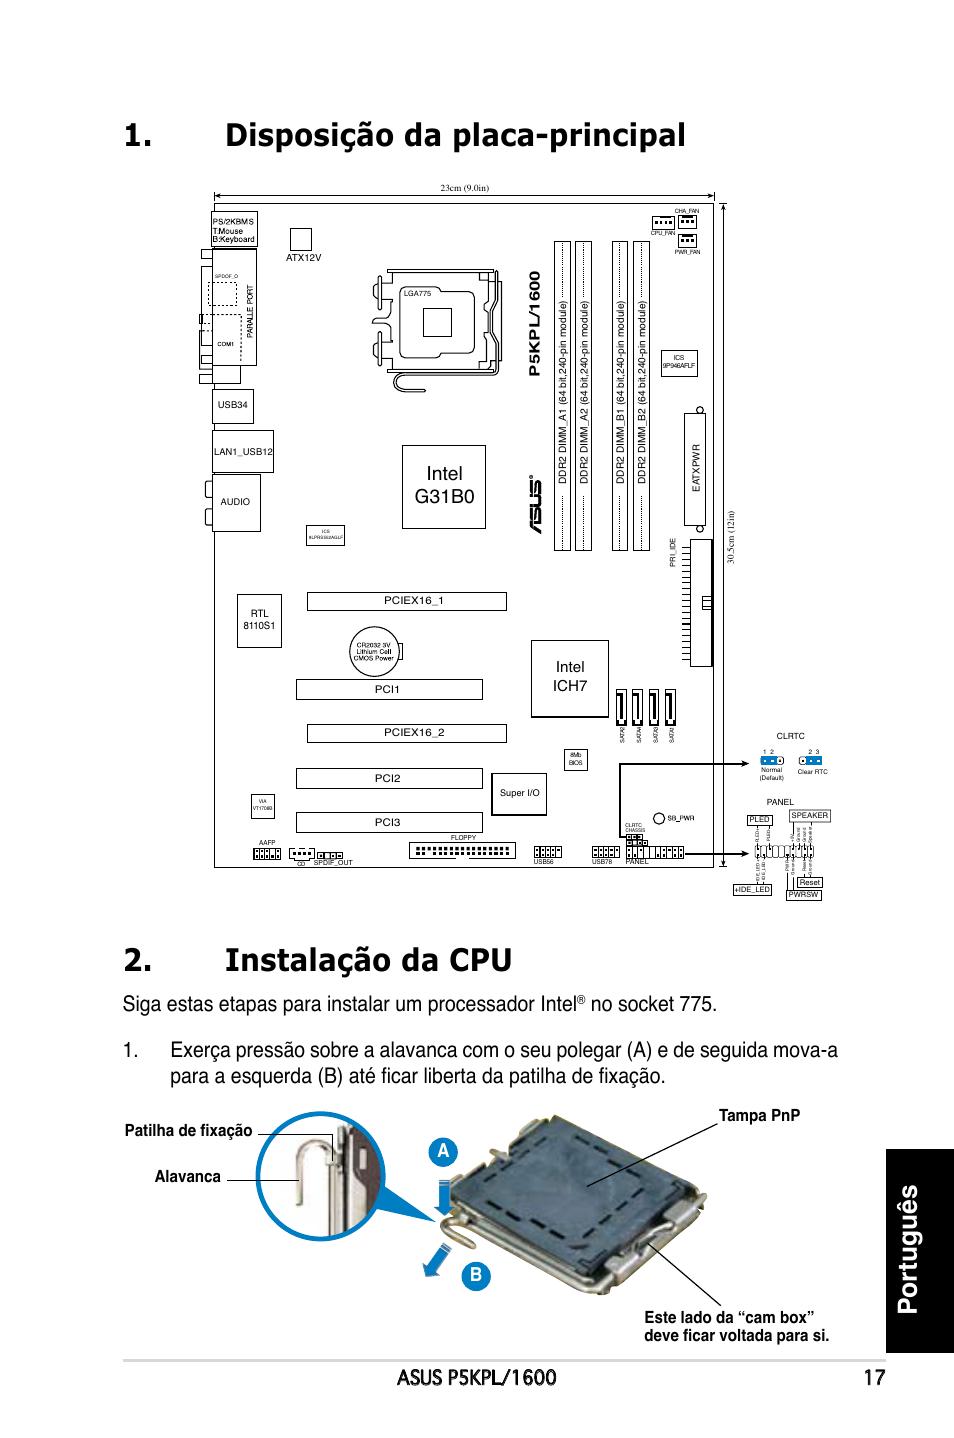 Asus p5kpl/1600 intel g31 lga775 ddr2 motherboard.